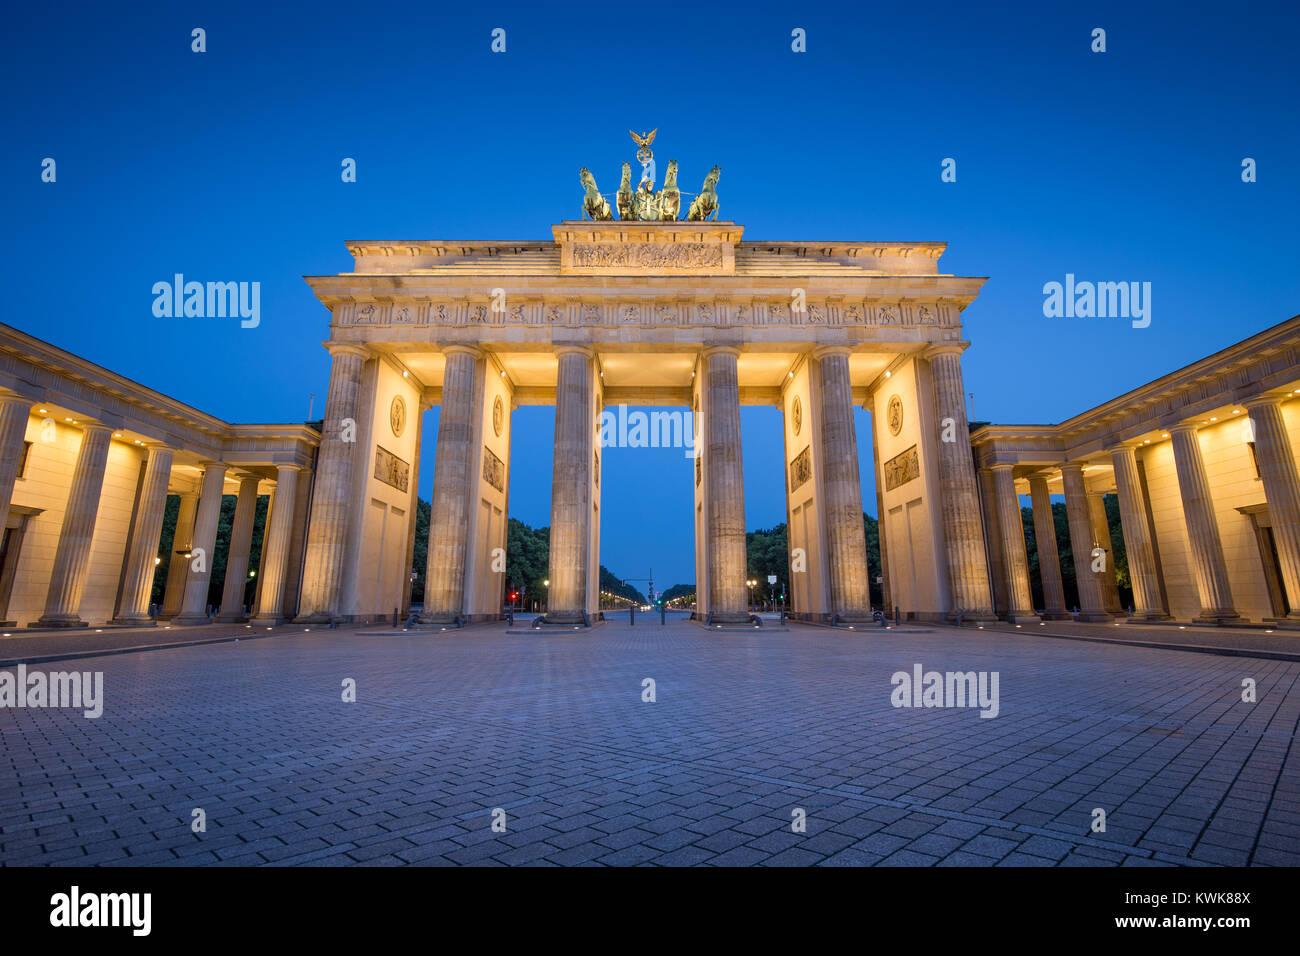 La vue classique du célèbre Brandenburger Tor (Porte de Brandebourg), l'un des plus célèbres Photo Stock